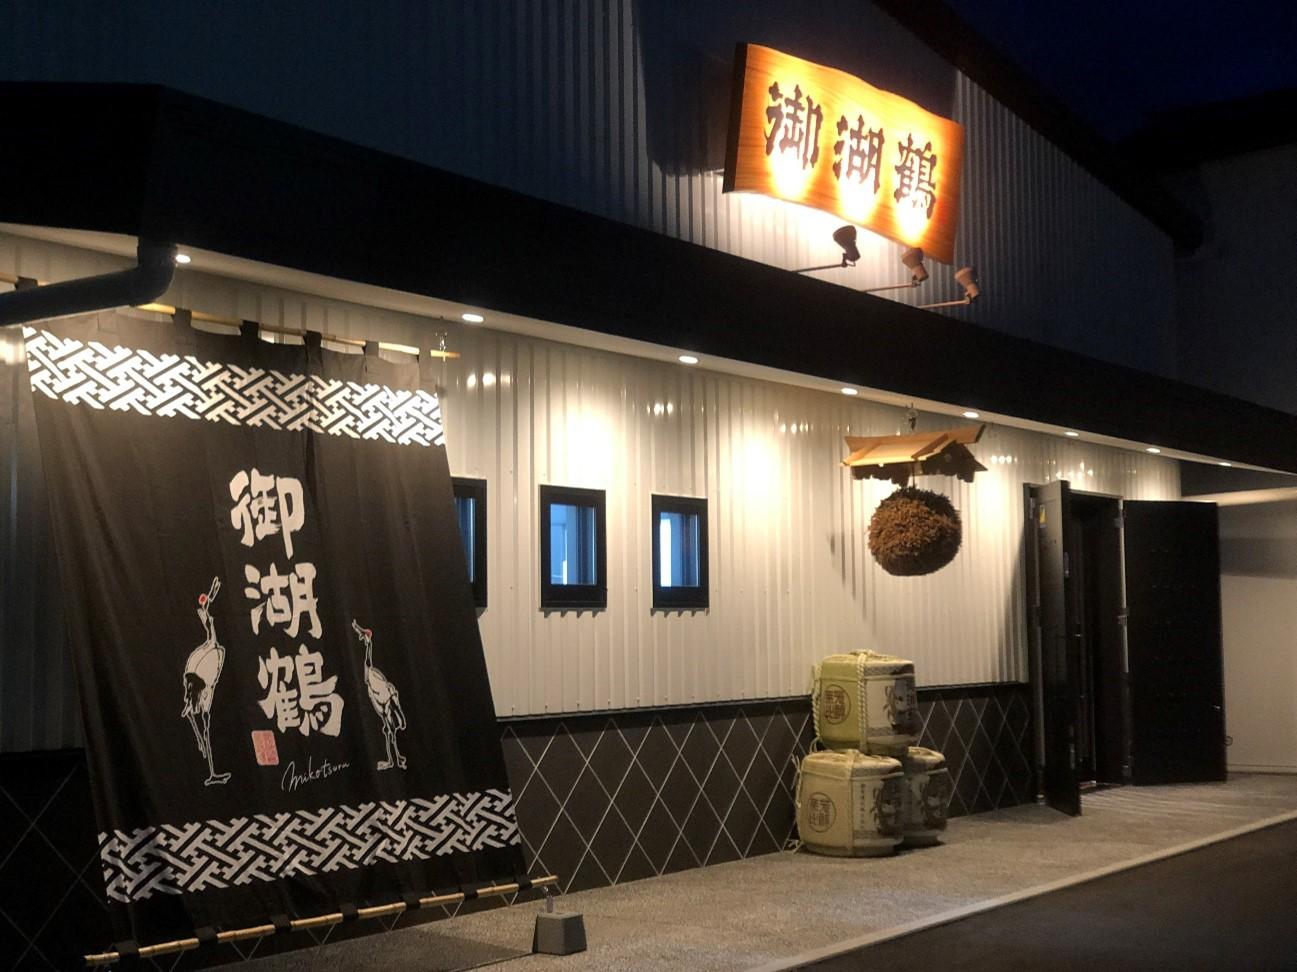 【御湖鶴世界一!】福島県の運送会社が再生させた日本酒ブランド「御湖鶴(みこつる)」